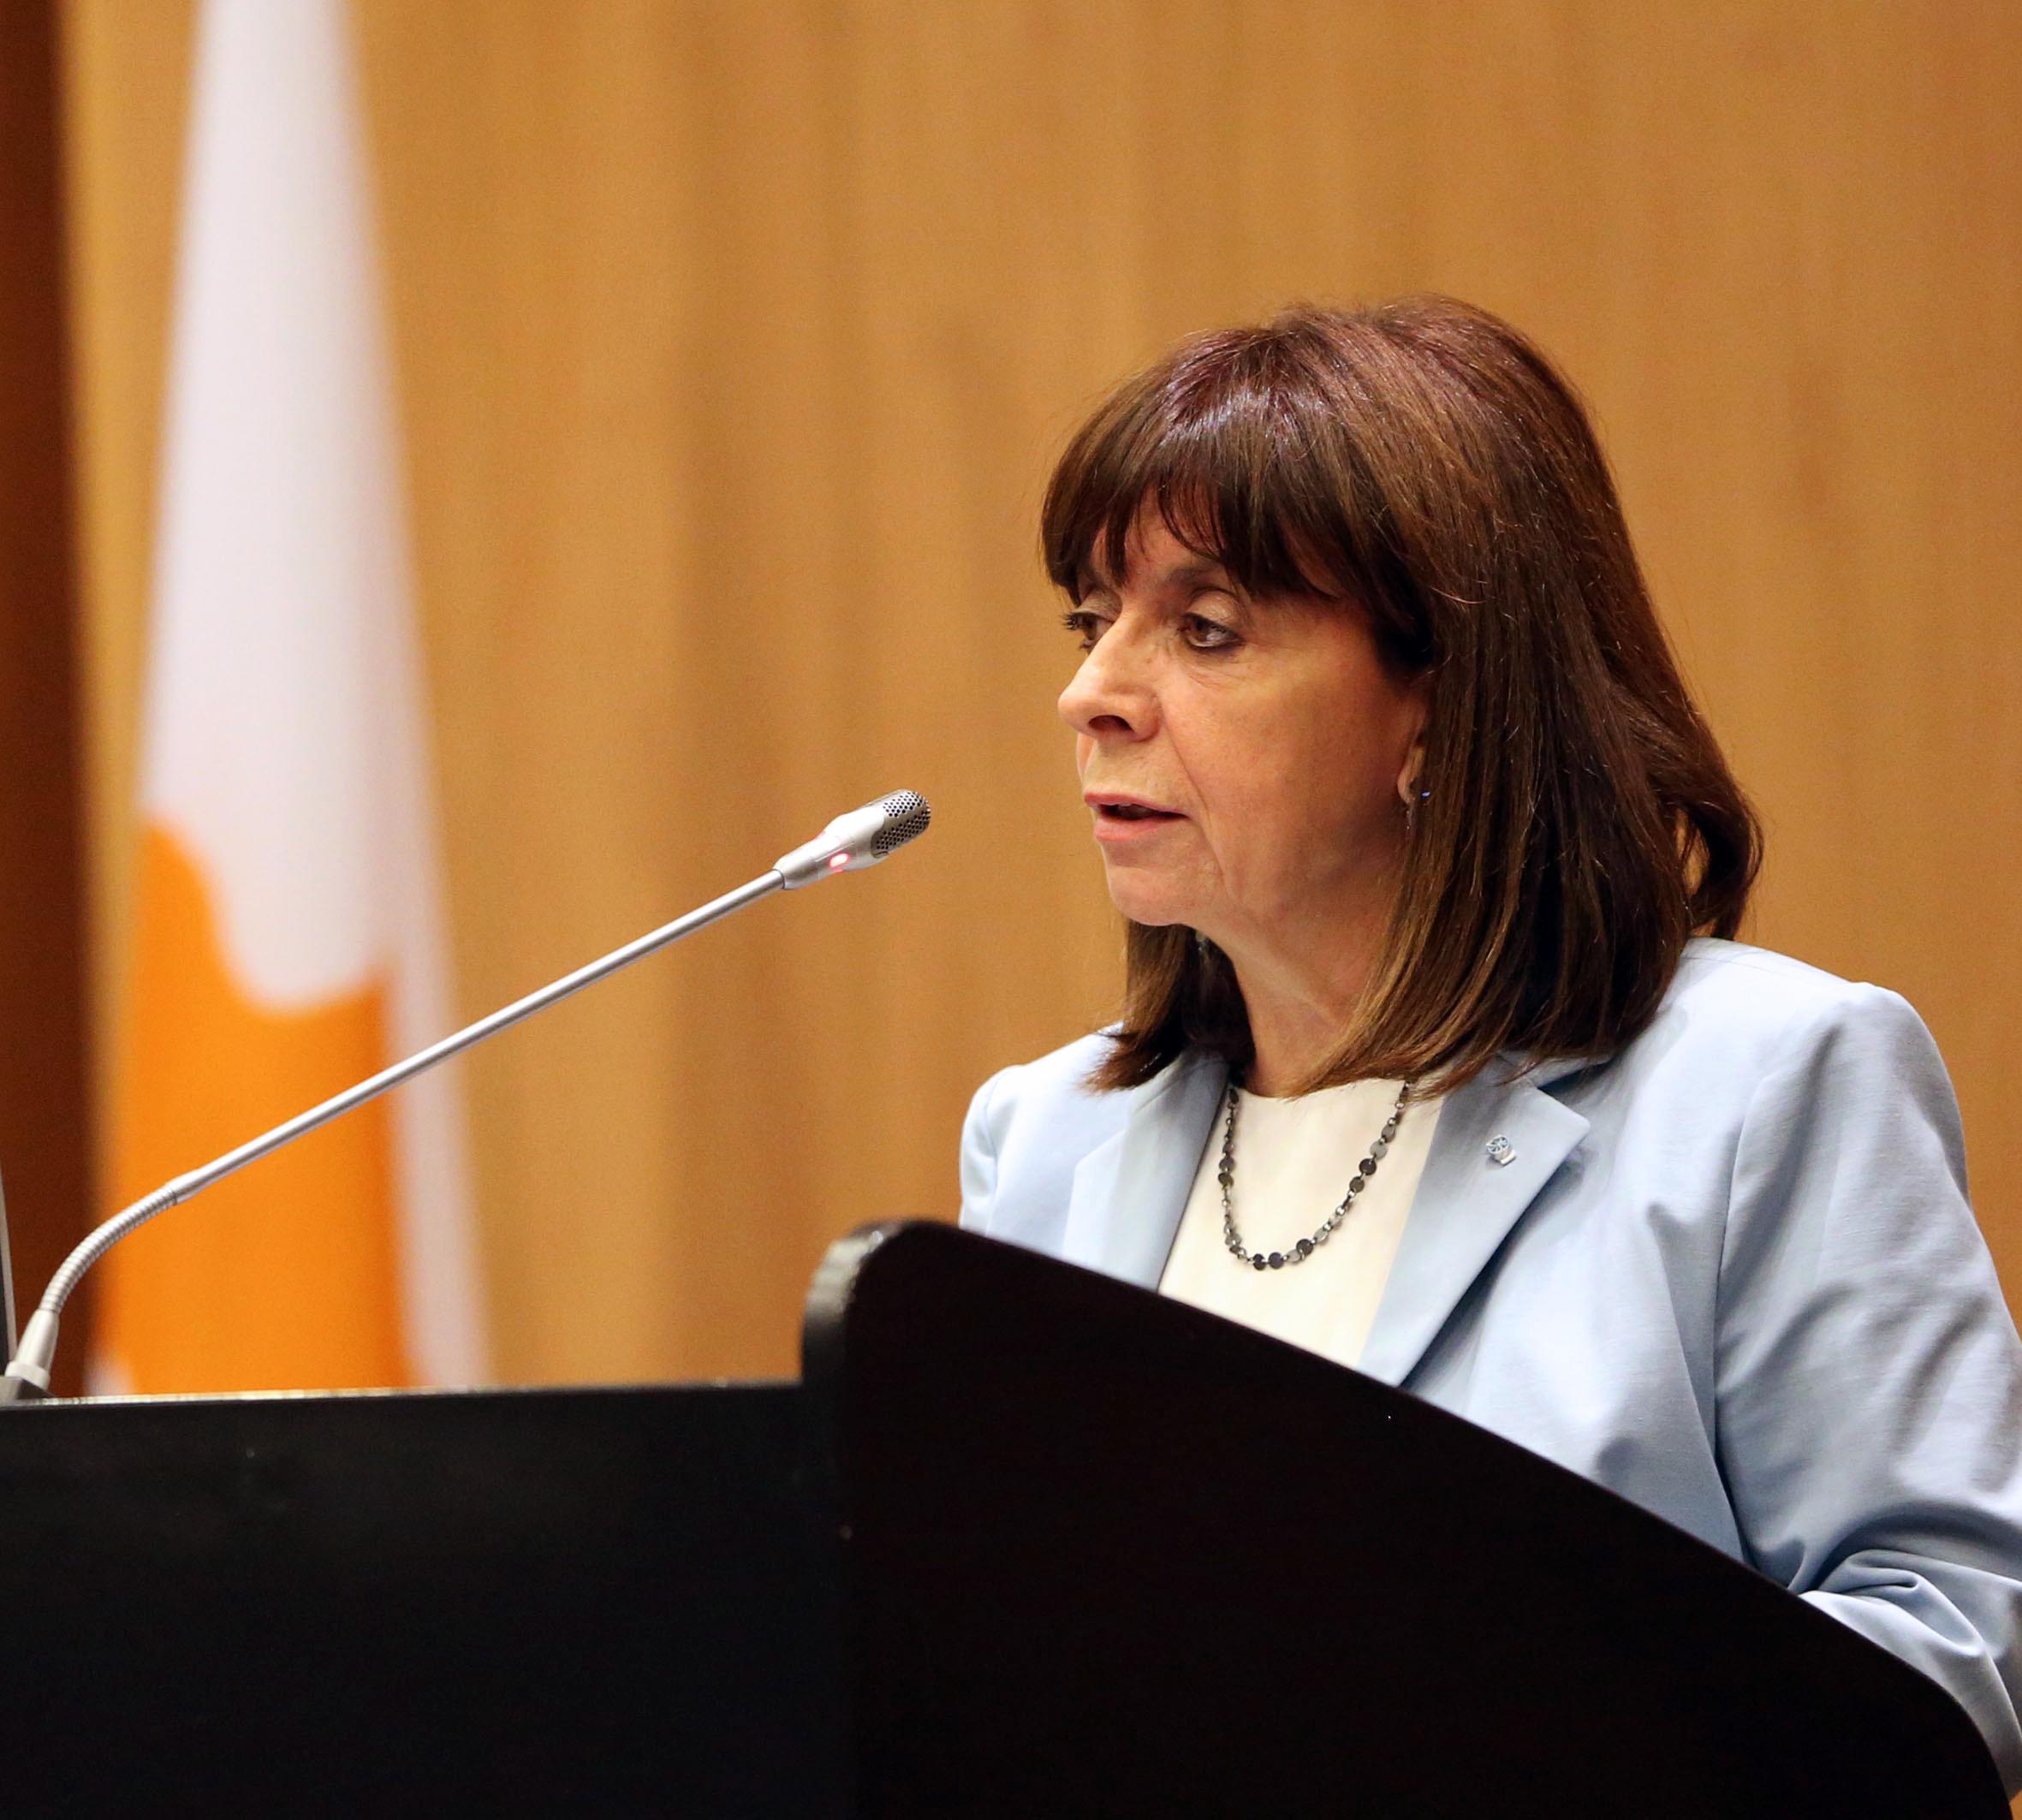 Σακελλαροπούλου για νίκη Μπάιντεν: «Προσβλέπουμε σε στενή συνεργασία»